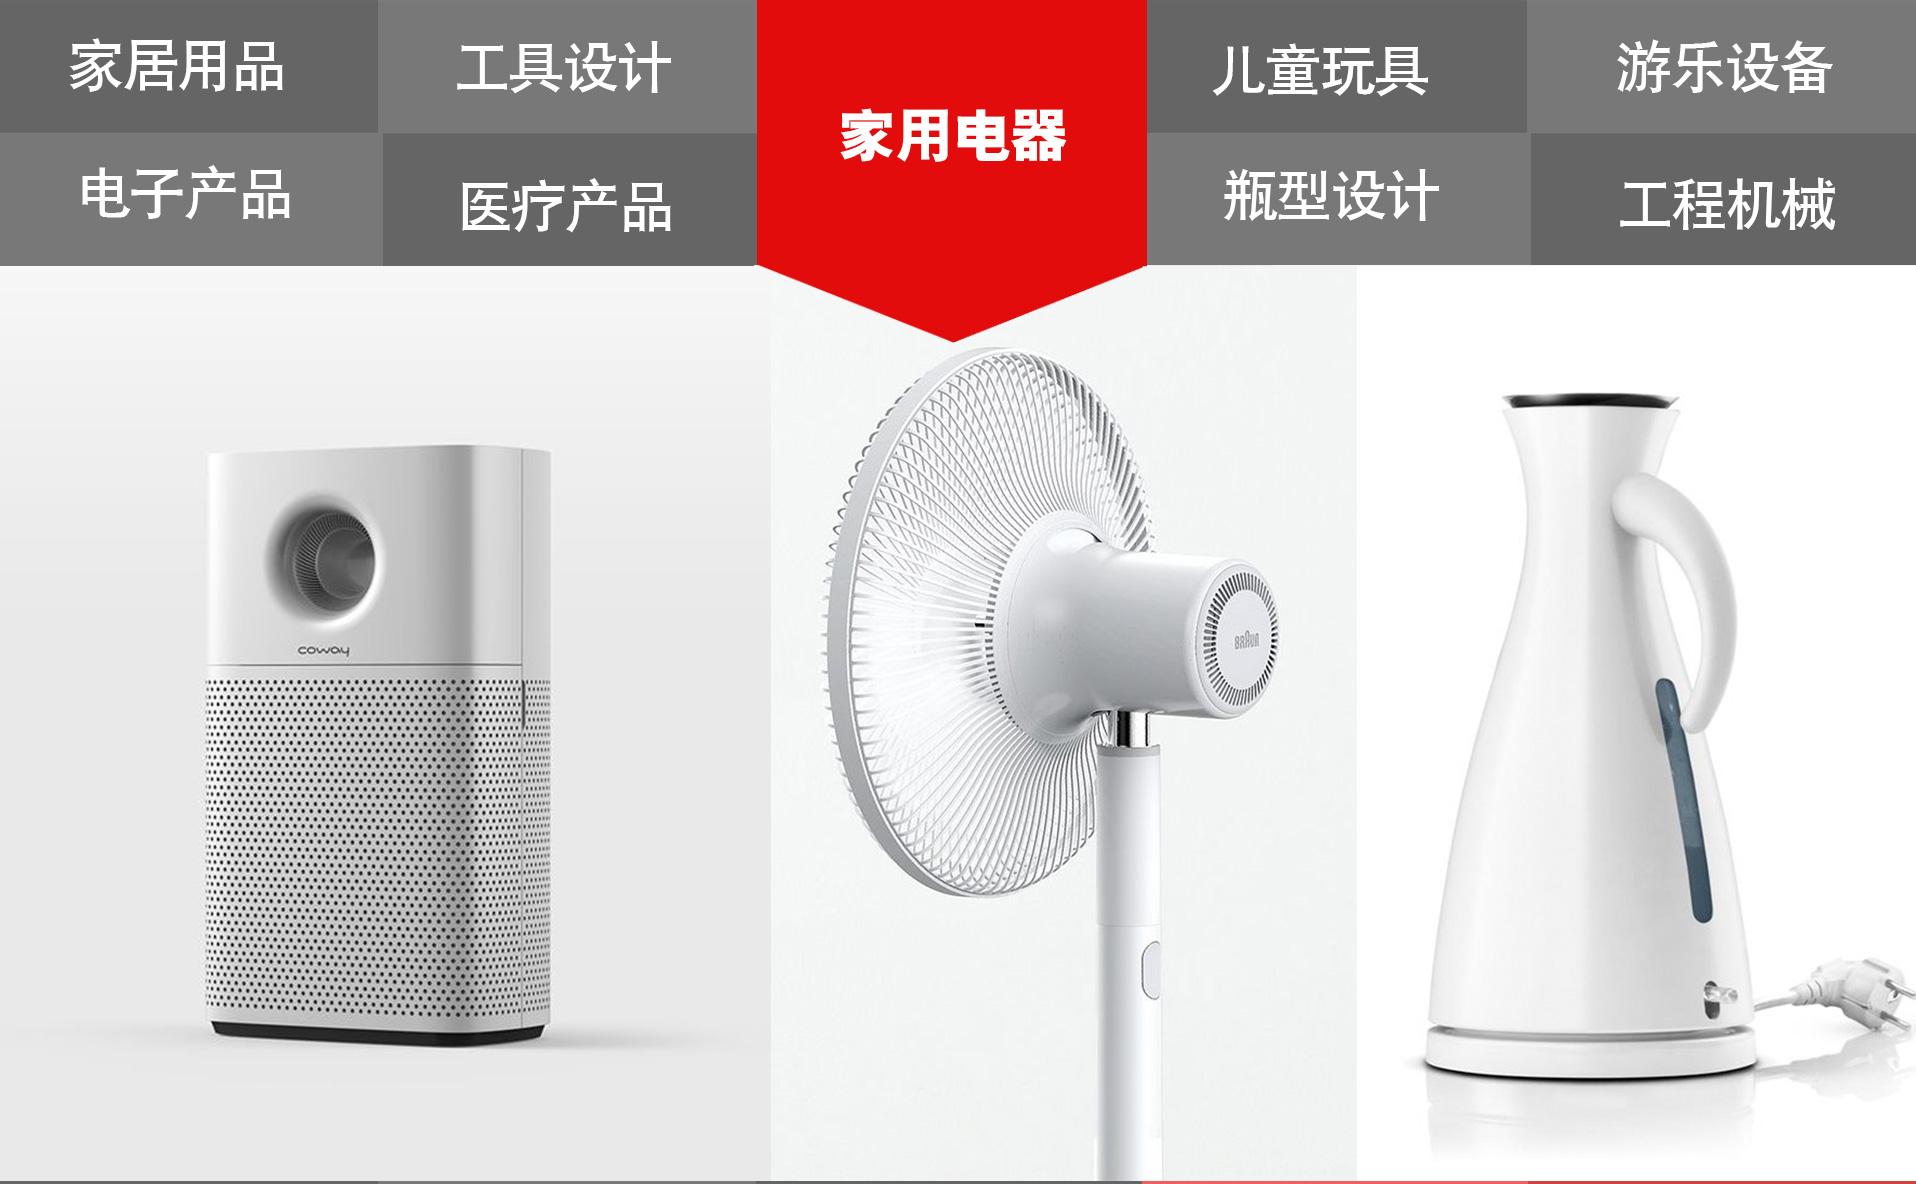 产品外观设计_【智能家电】笔间产品设计/外观设计/工业设计/智能家电器设备14